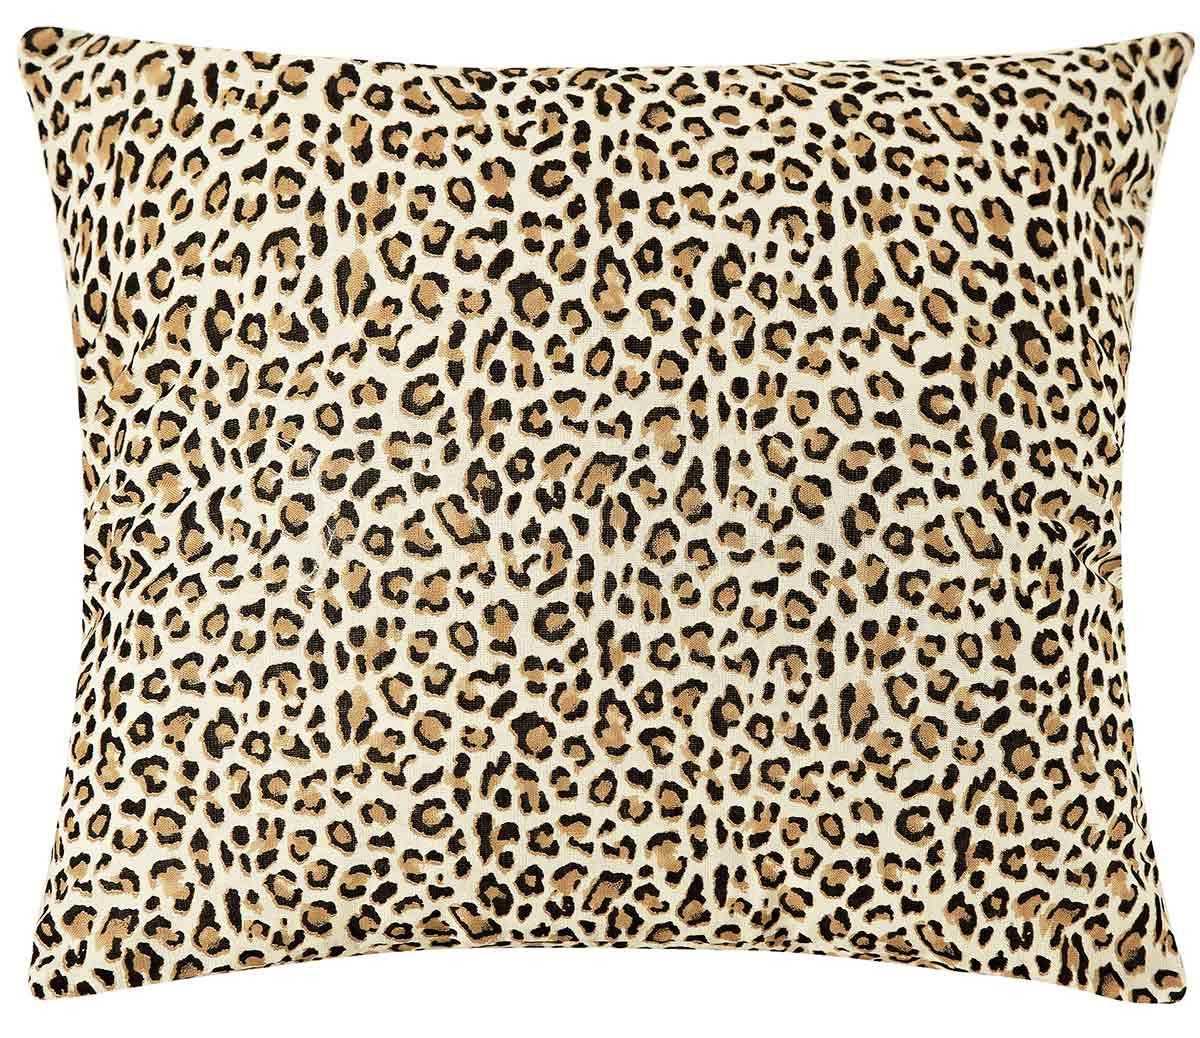 Almofadas Avulsa 40cm x 40cm  Onça Estampado com 1 peças